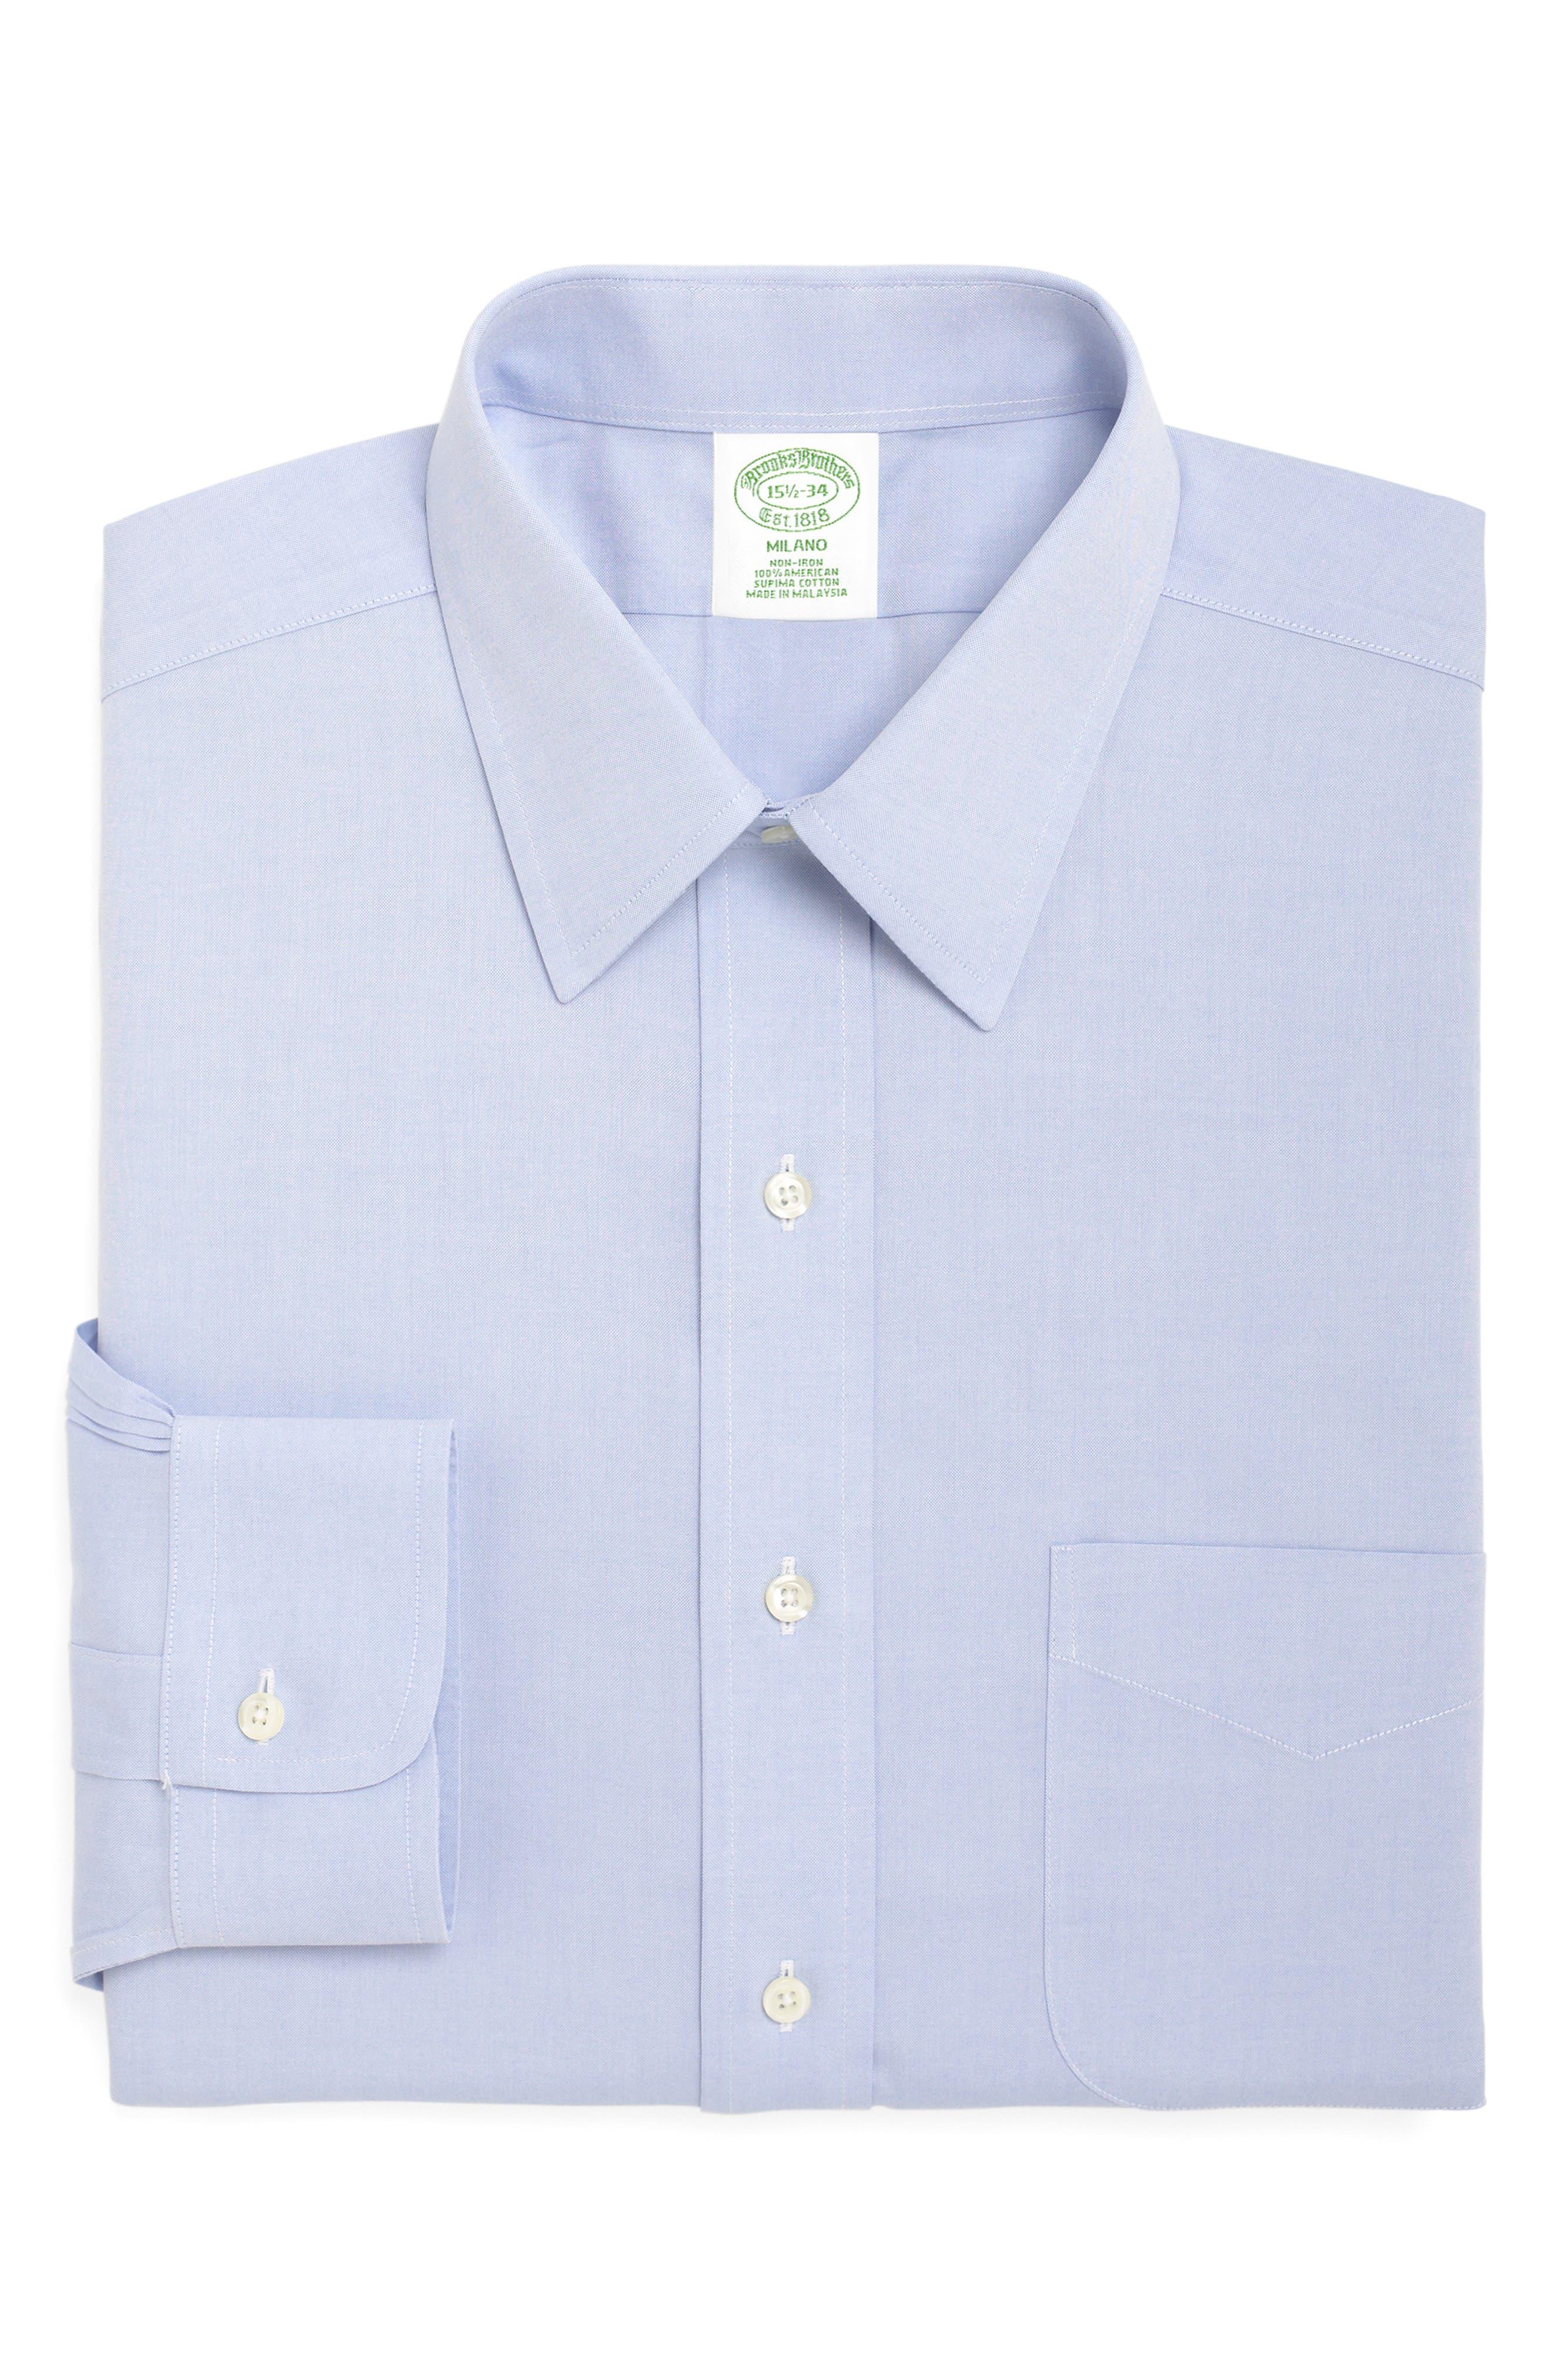 Trim Fit Solid Dress Shirt,                             Main thumbnail 1, color,                             LIGHT/ PASTEL BLUE